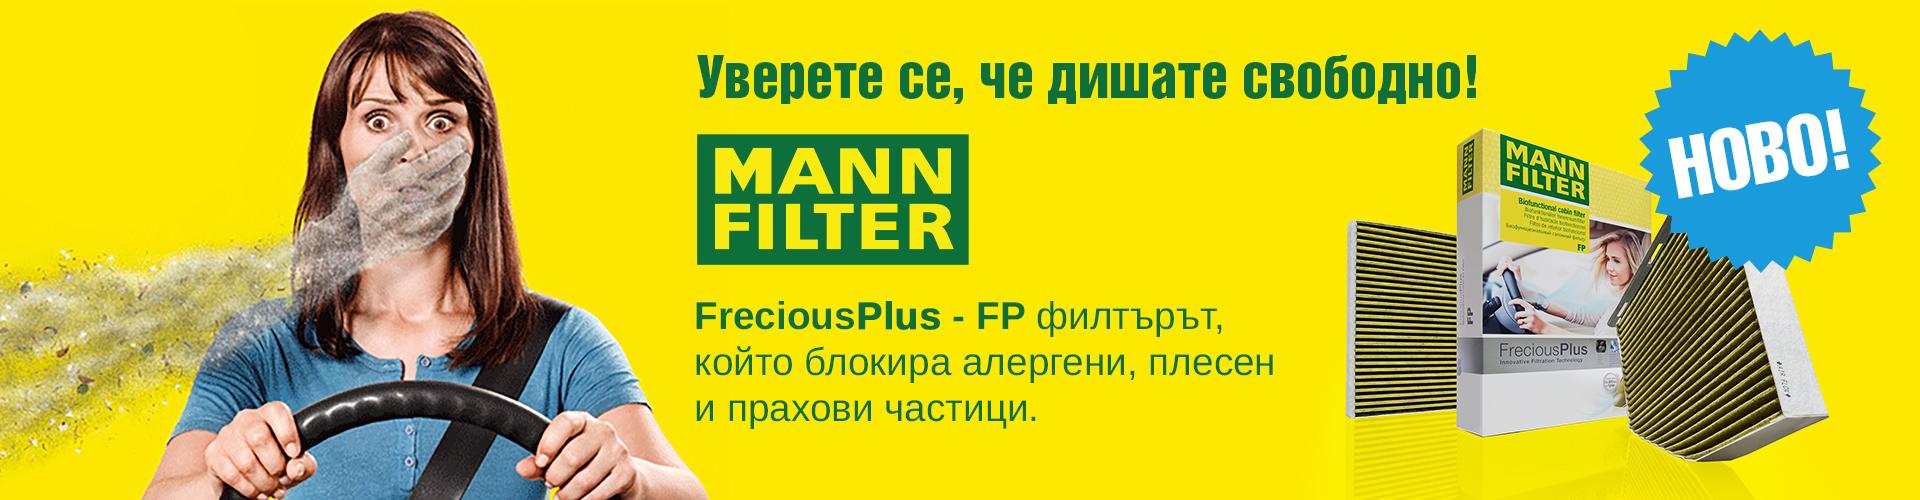 mannfilter_01.2018_banner_.jpg